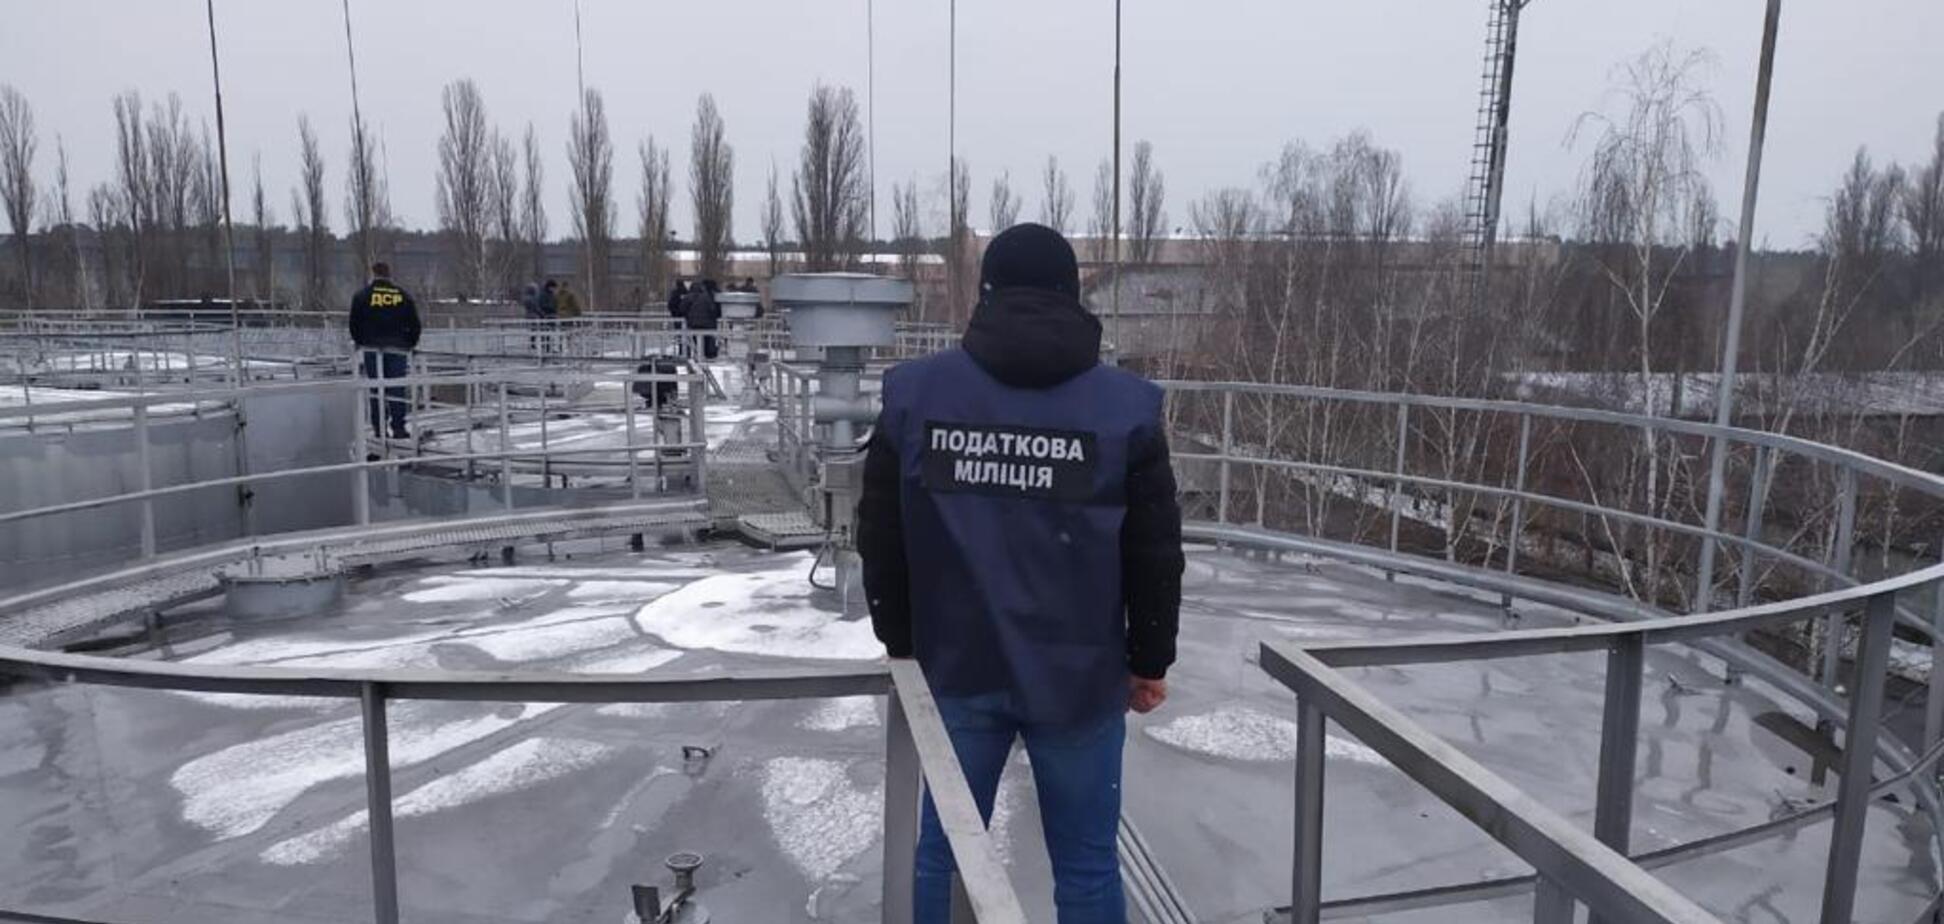 ДФС в Кировоградской области провели обыски на территории одной из нефтебаз